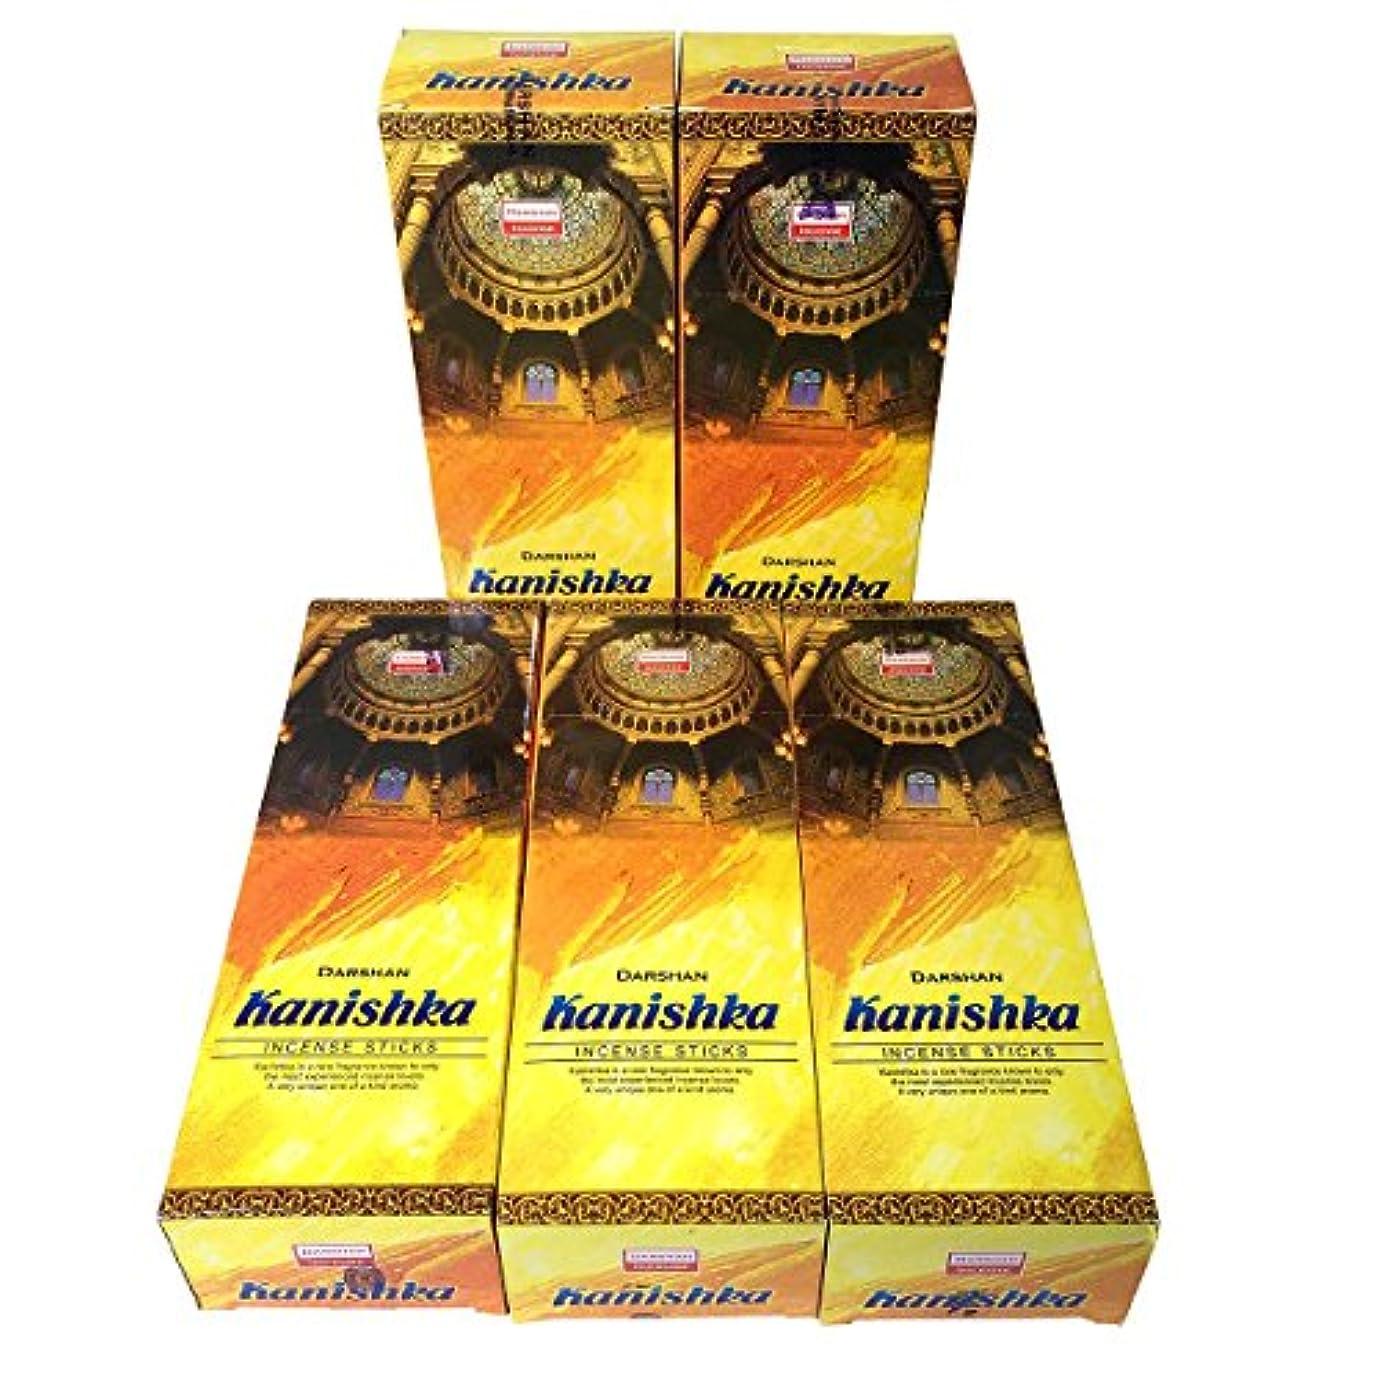 配列砦同僚カニシュカ香スティック 5BOX(30箱)/DARSHAN KANISHKA/ インド香 / 送料無料 [並行輸入品]